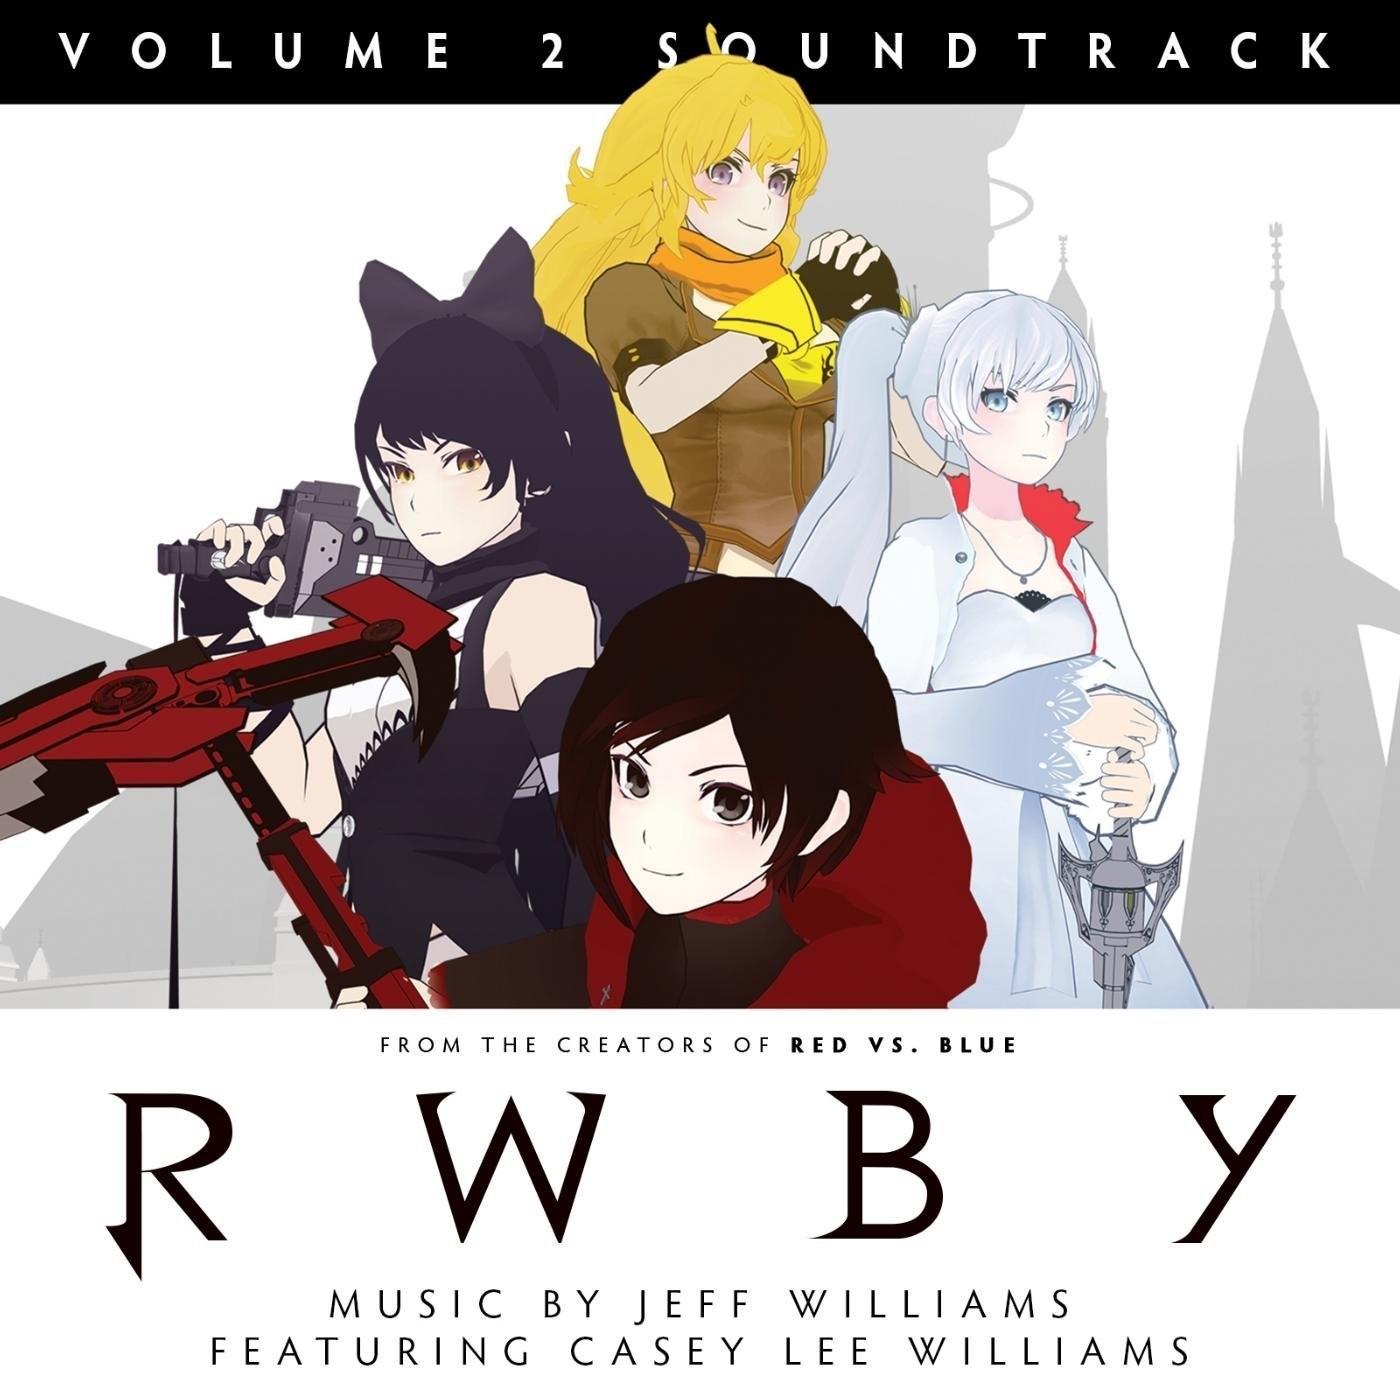 ファイル:RWBY Volume 2 Soundtrack Cover.png